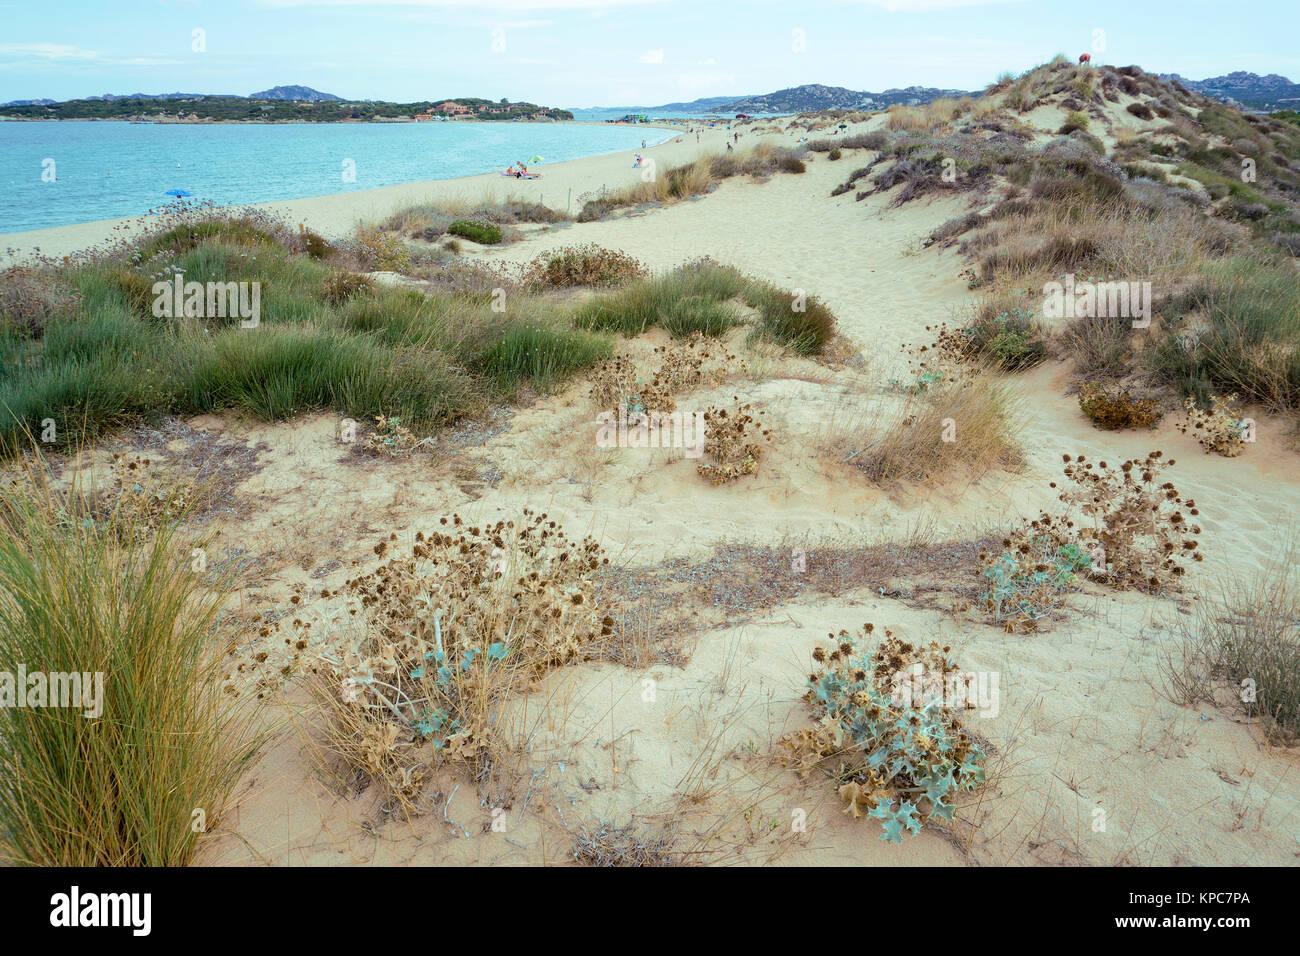 Sand dunes at the beach Spiaggia del Liscia, Porto Pollo, Sardinia, Italy, Mediterranean  sea, Europe - Stock Image